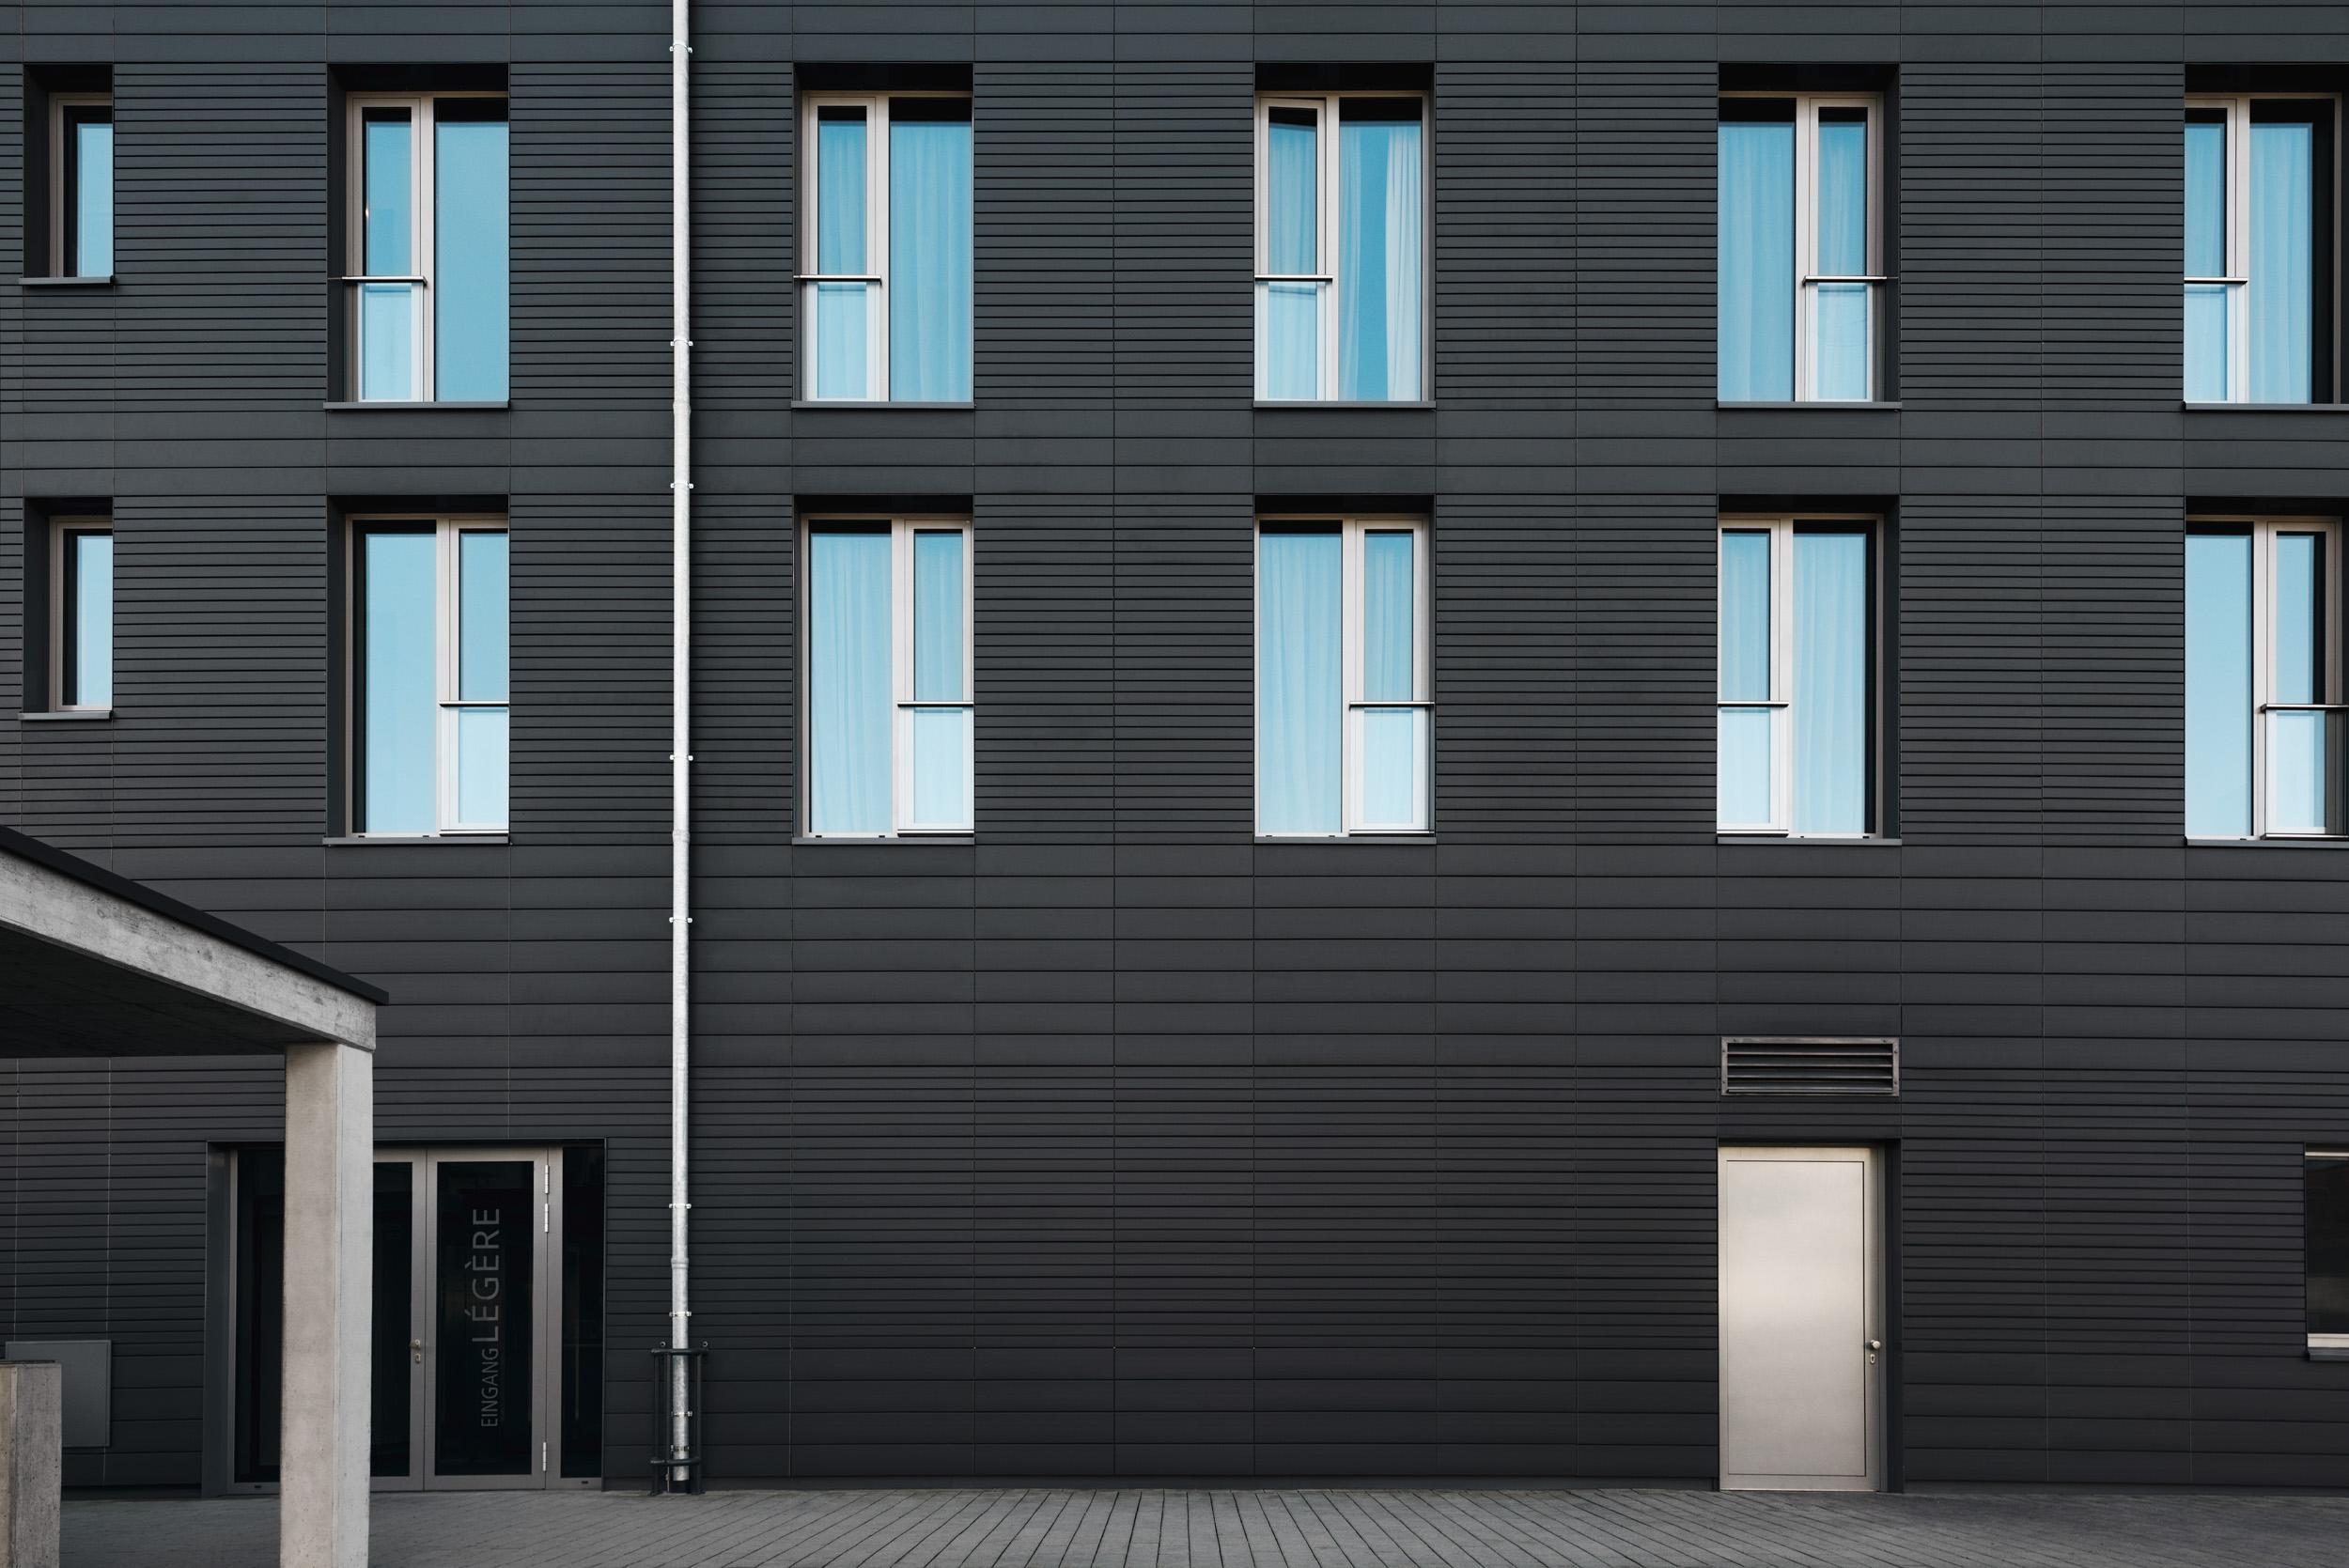 Gustav-Epple-Bauunternehmung-Legere-Hotel-Tuttlingen-MLX8406